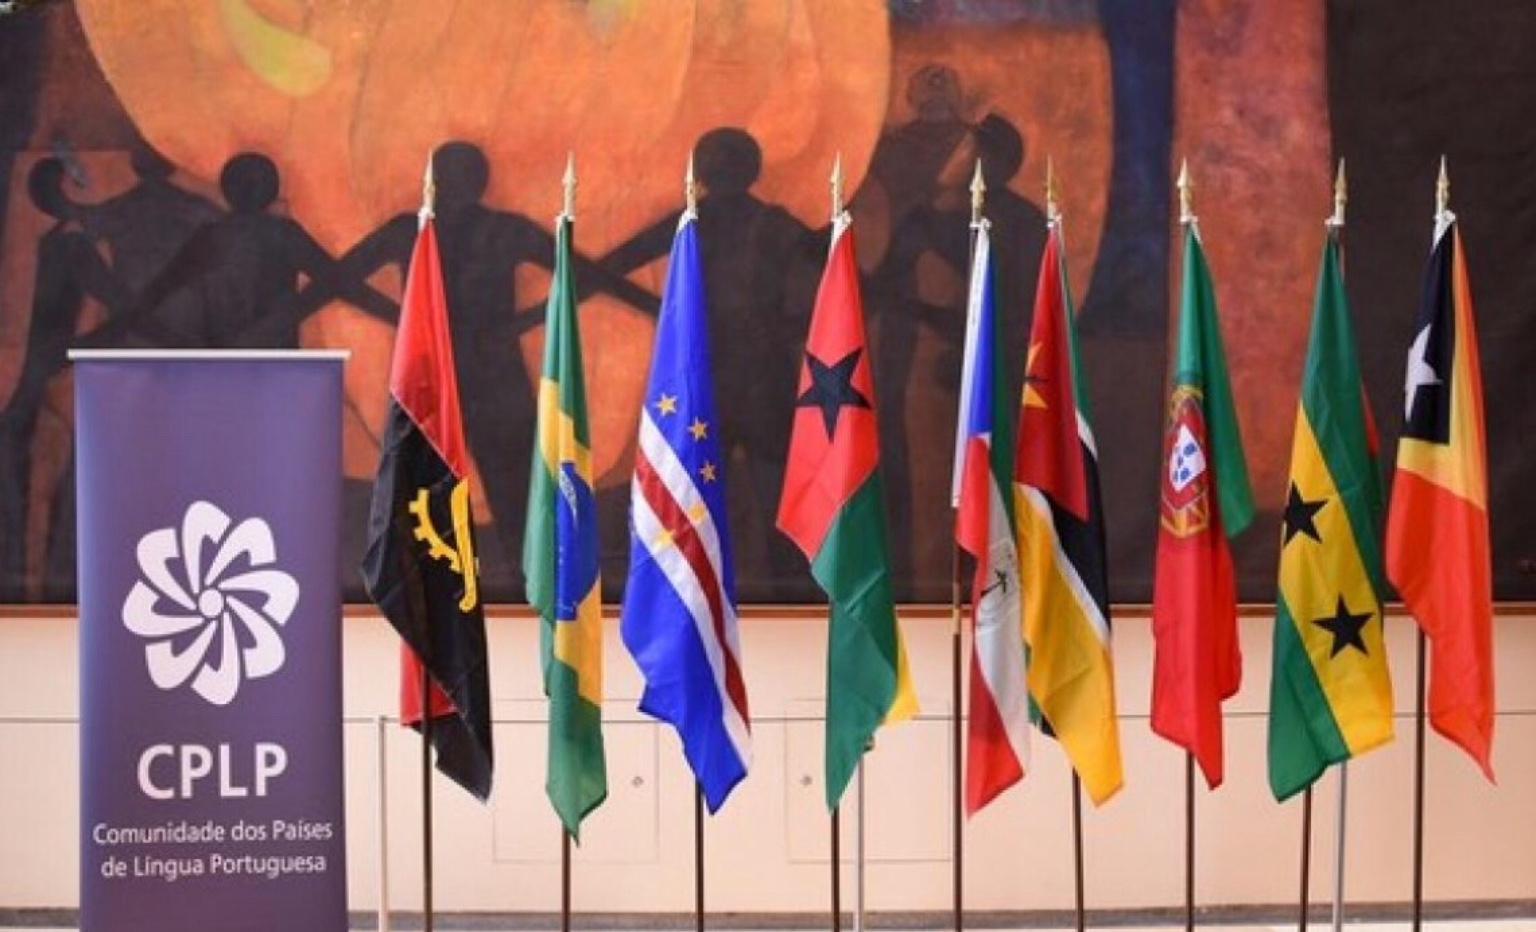 Especial: Festa da Língua Portuguesa 2021 reafirmou identidade, ritmos e futuro do idioma